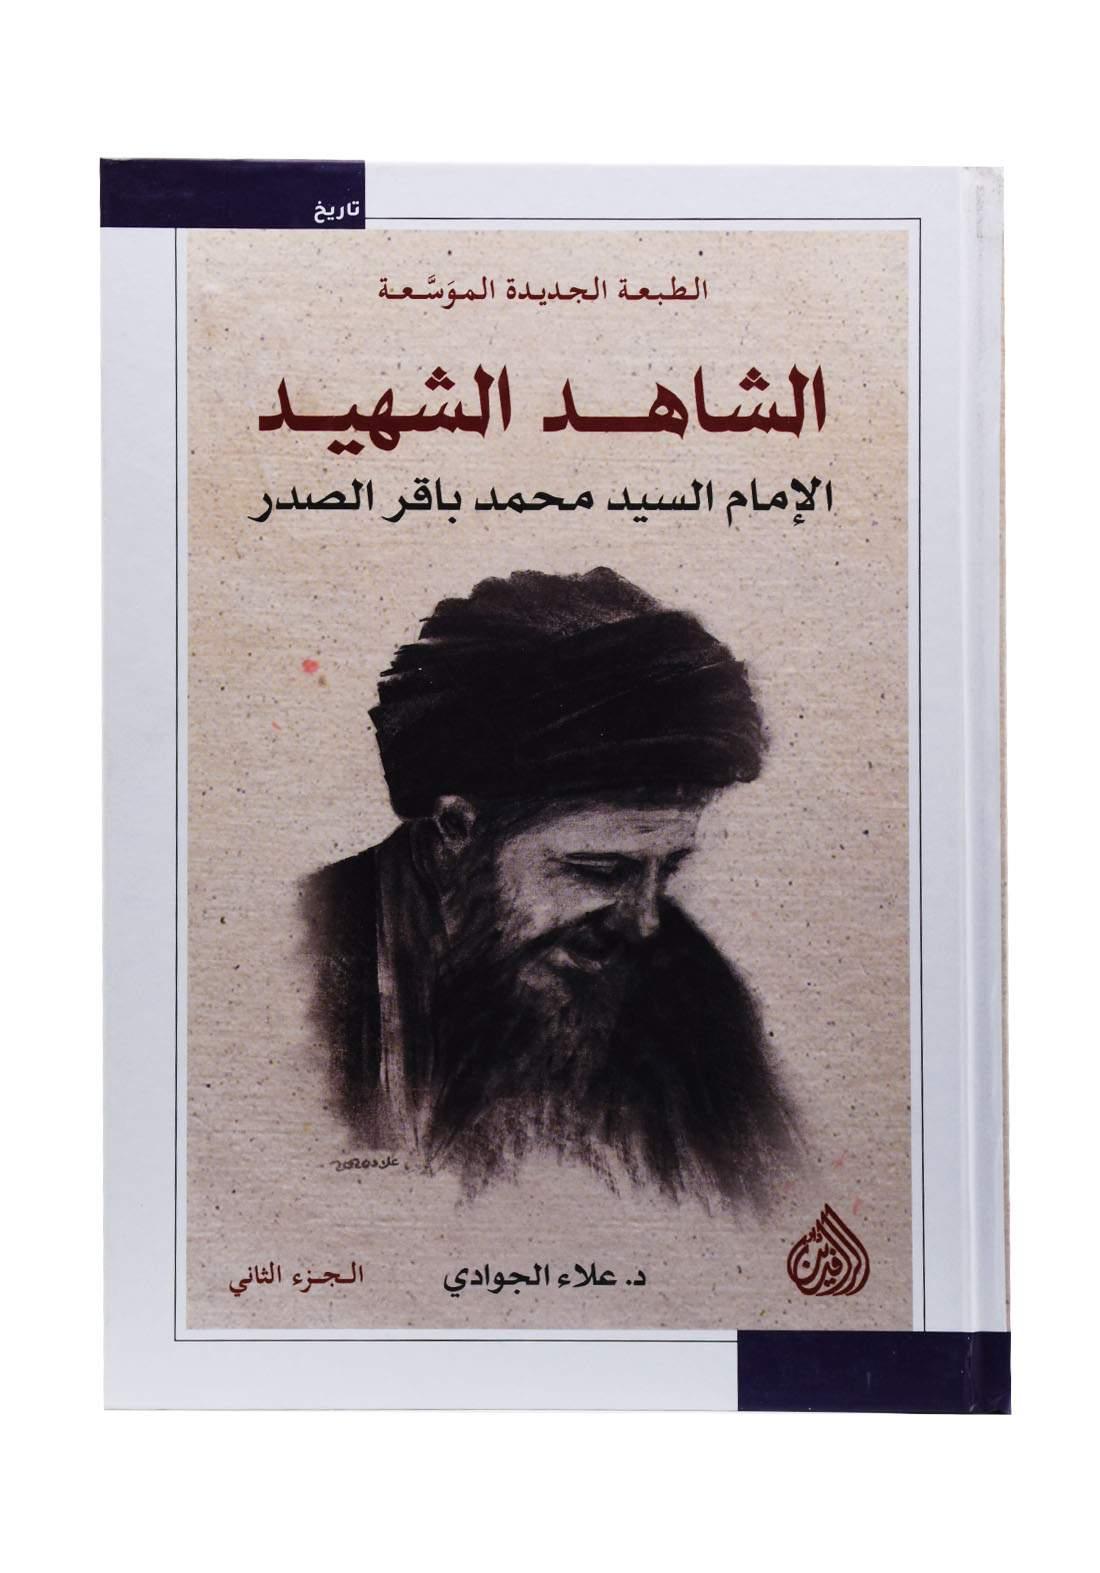 الشاهد الشهيد الإمام السيد محمد باقر الصدر الجزء الثاني